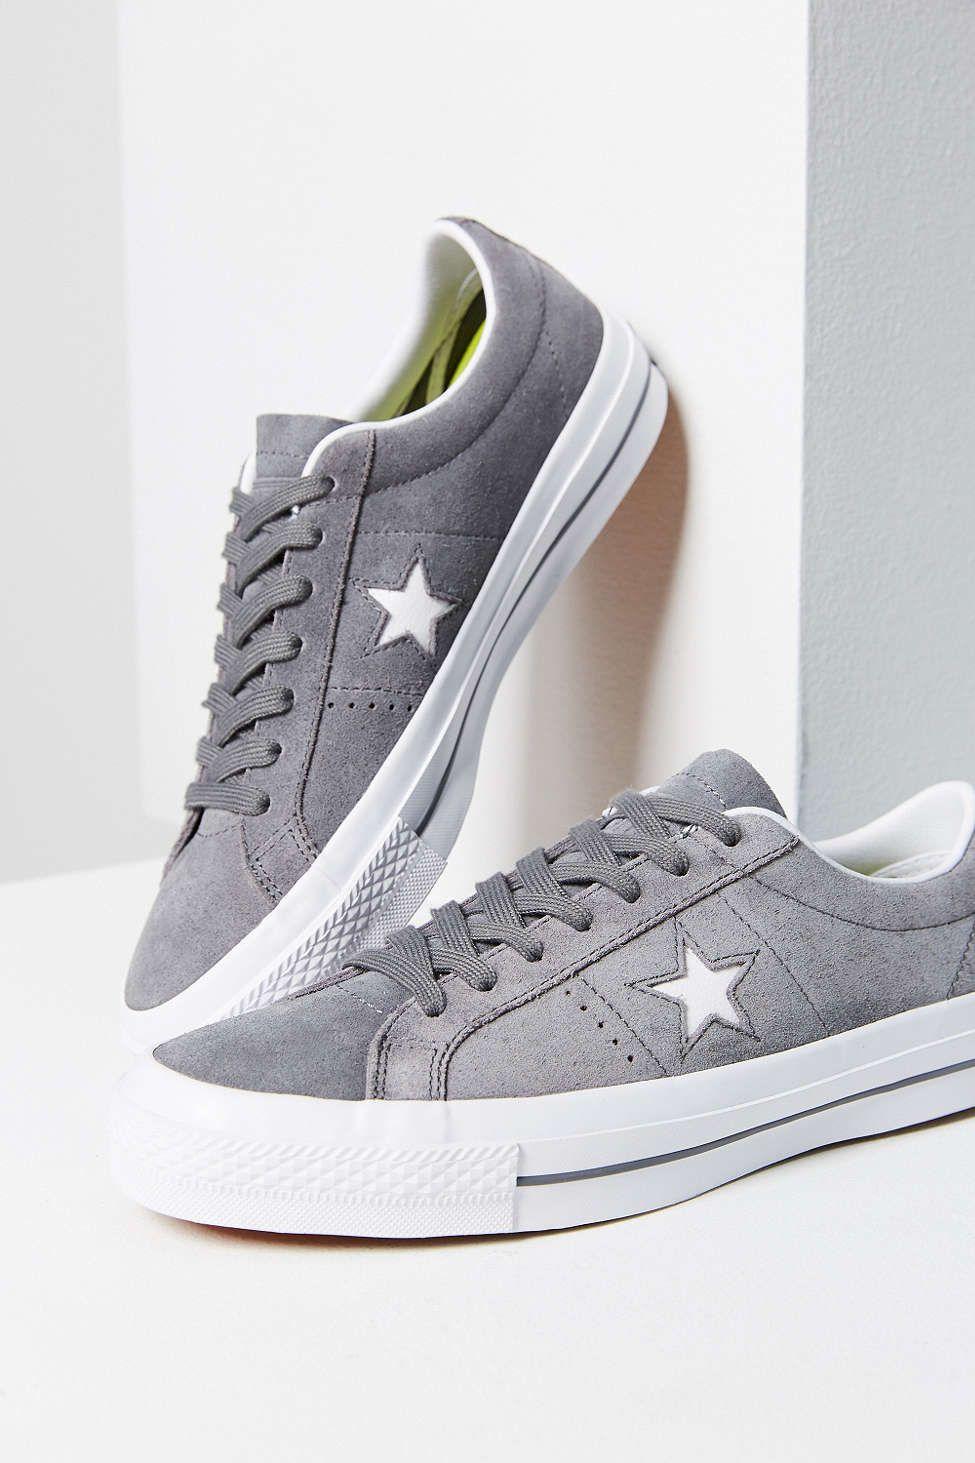 a60fbabd0a04 Converse One Star Premium Suede Sneaker in 2019